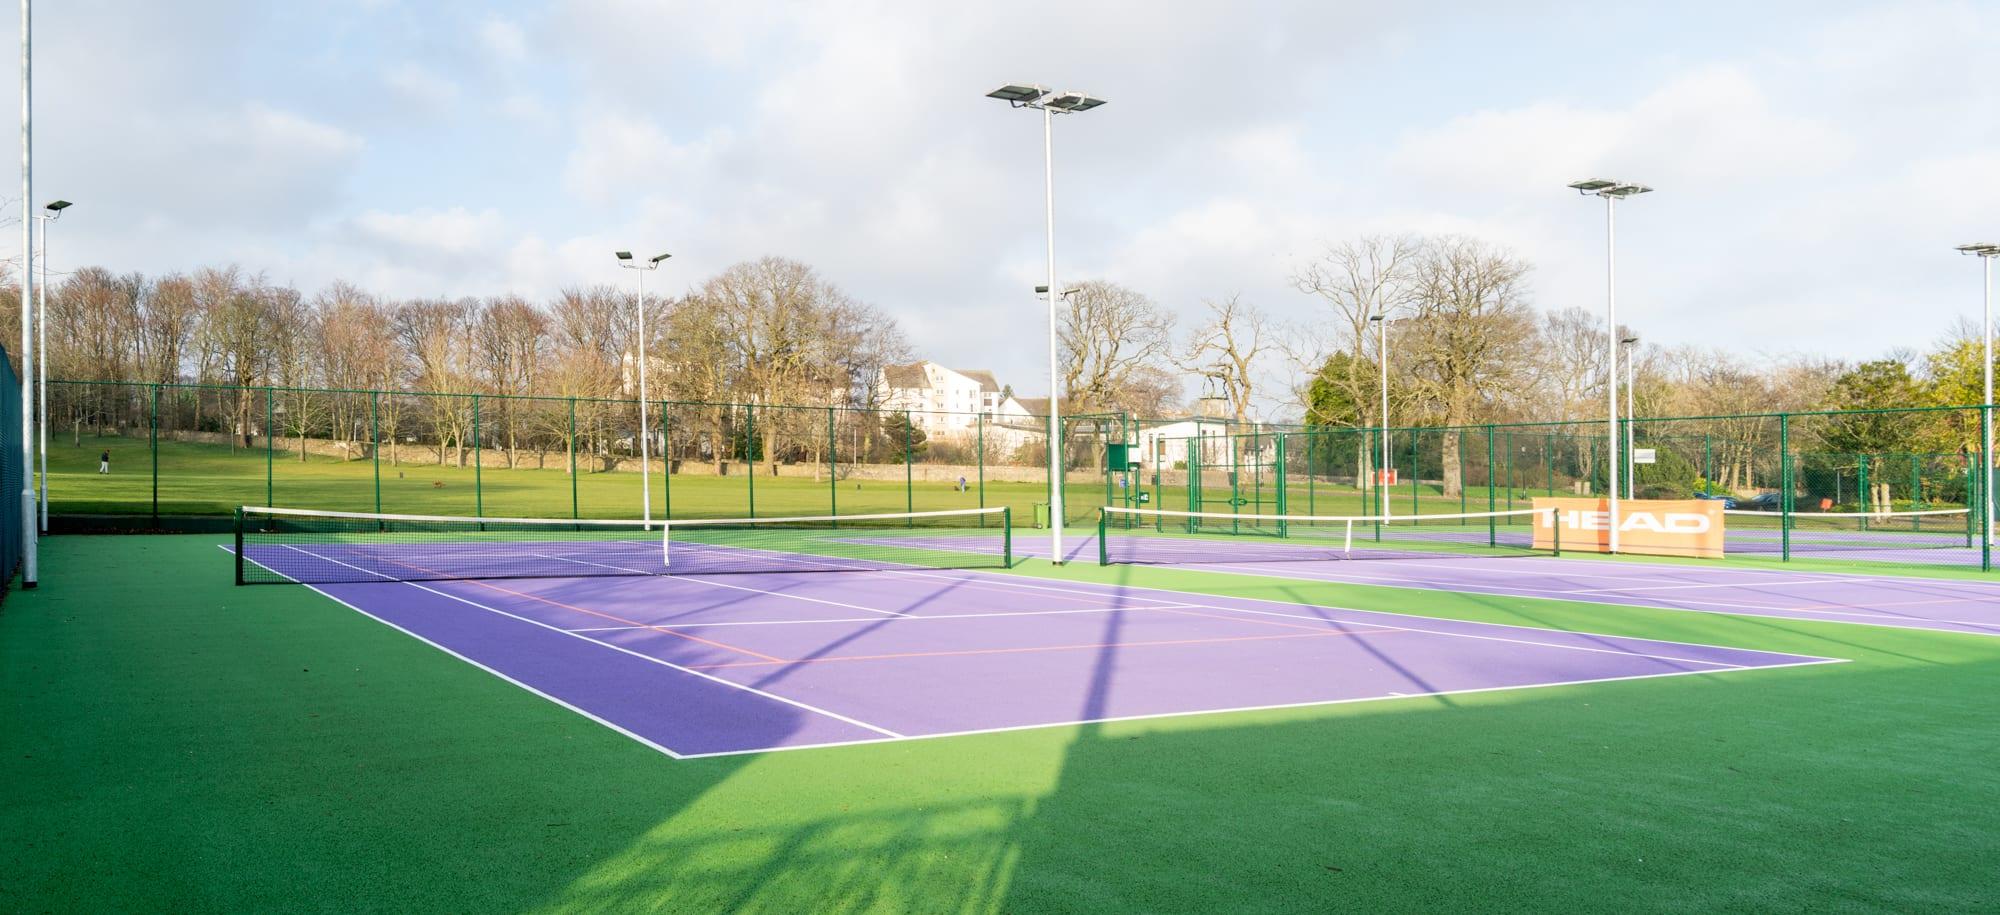 tennis-banner-background-2000-915